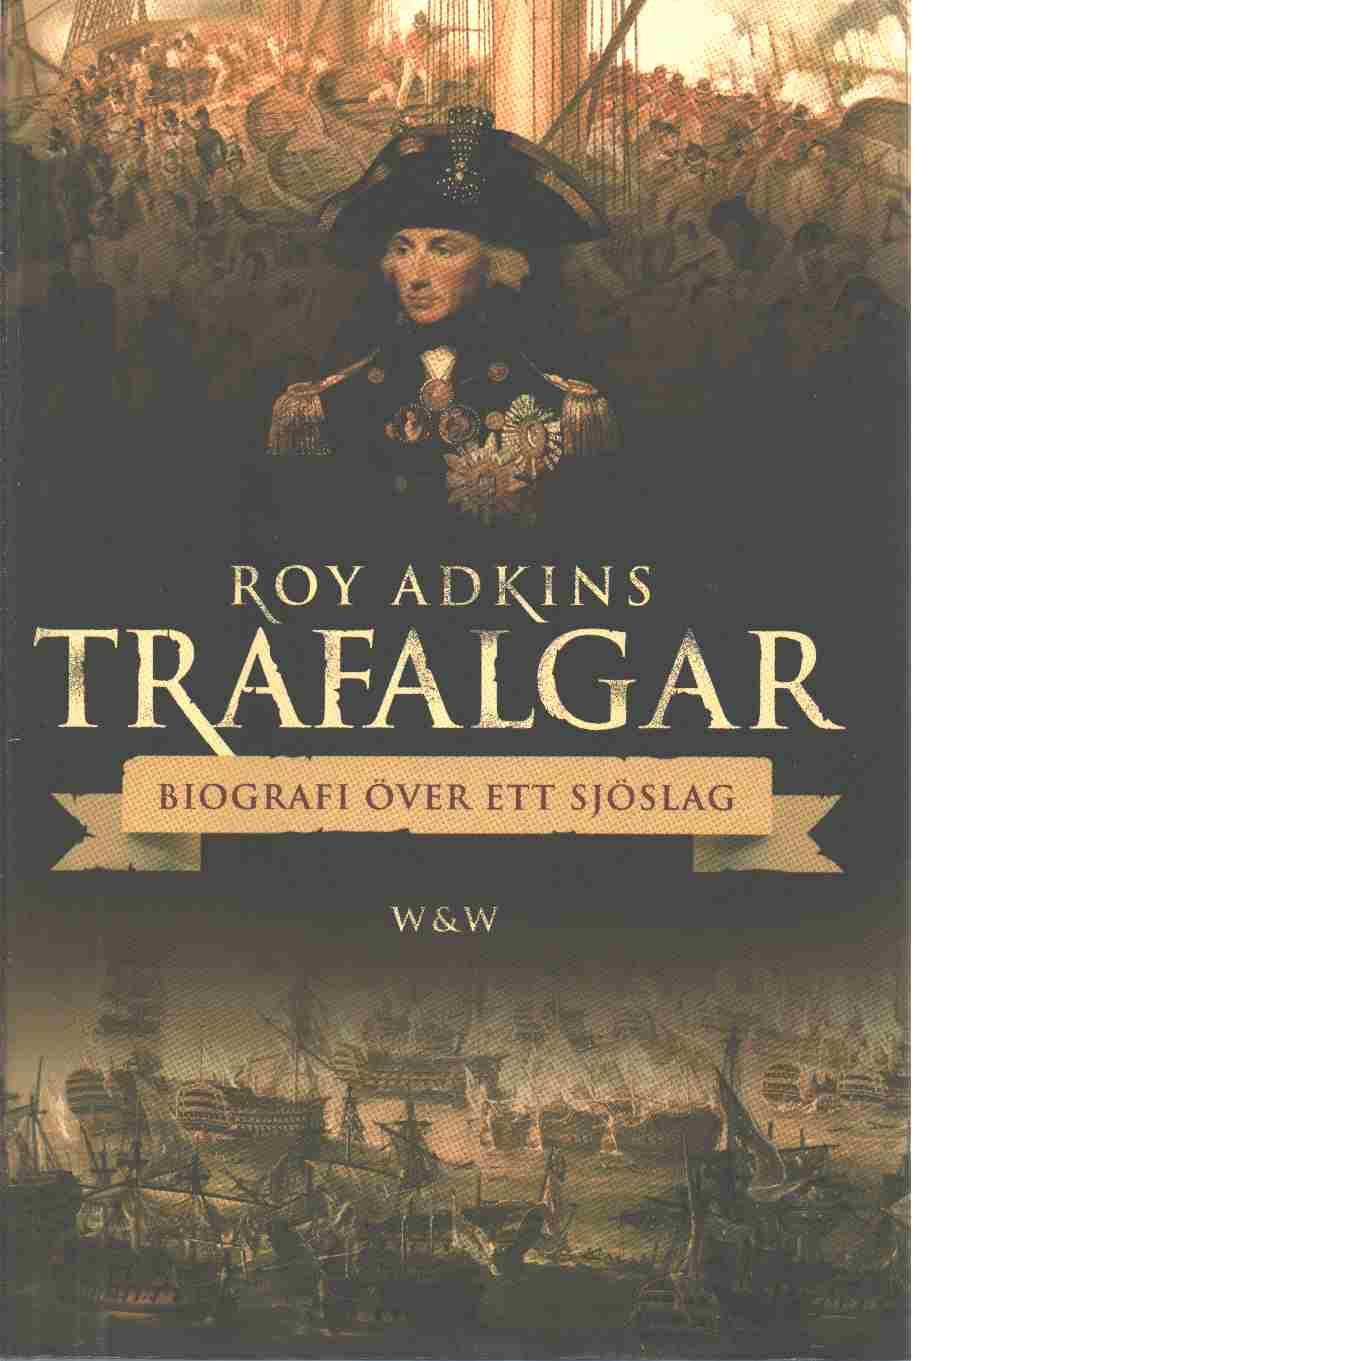 Trafalgar : biografi över ett sjöslag - Adkins, Roy